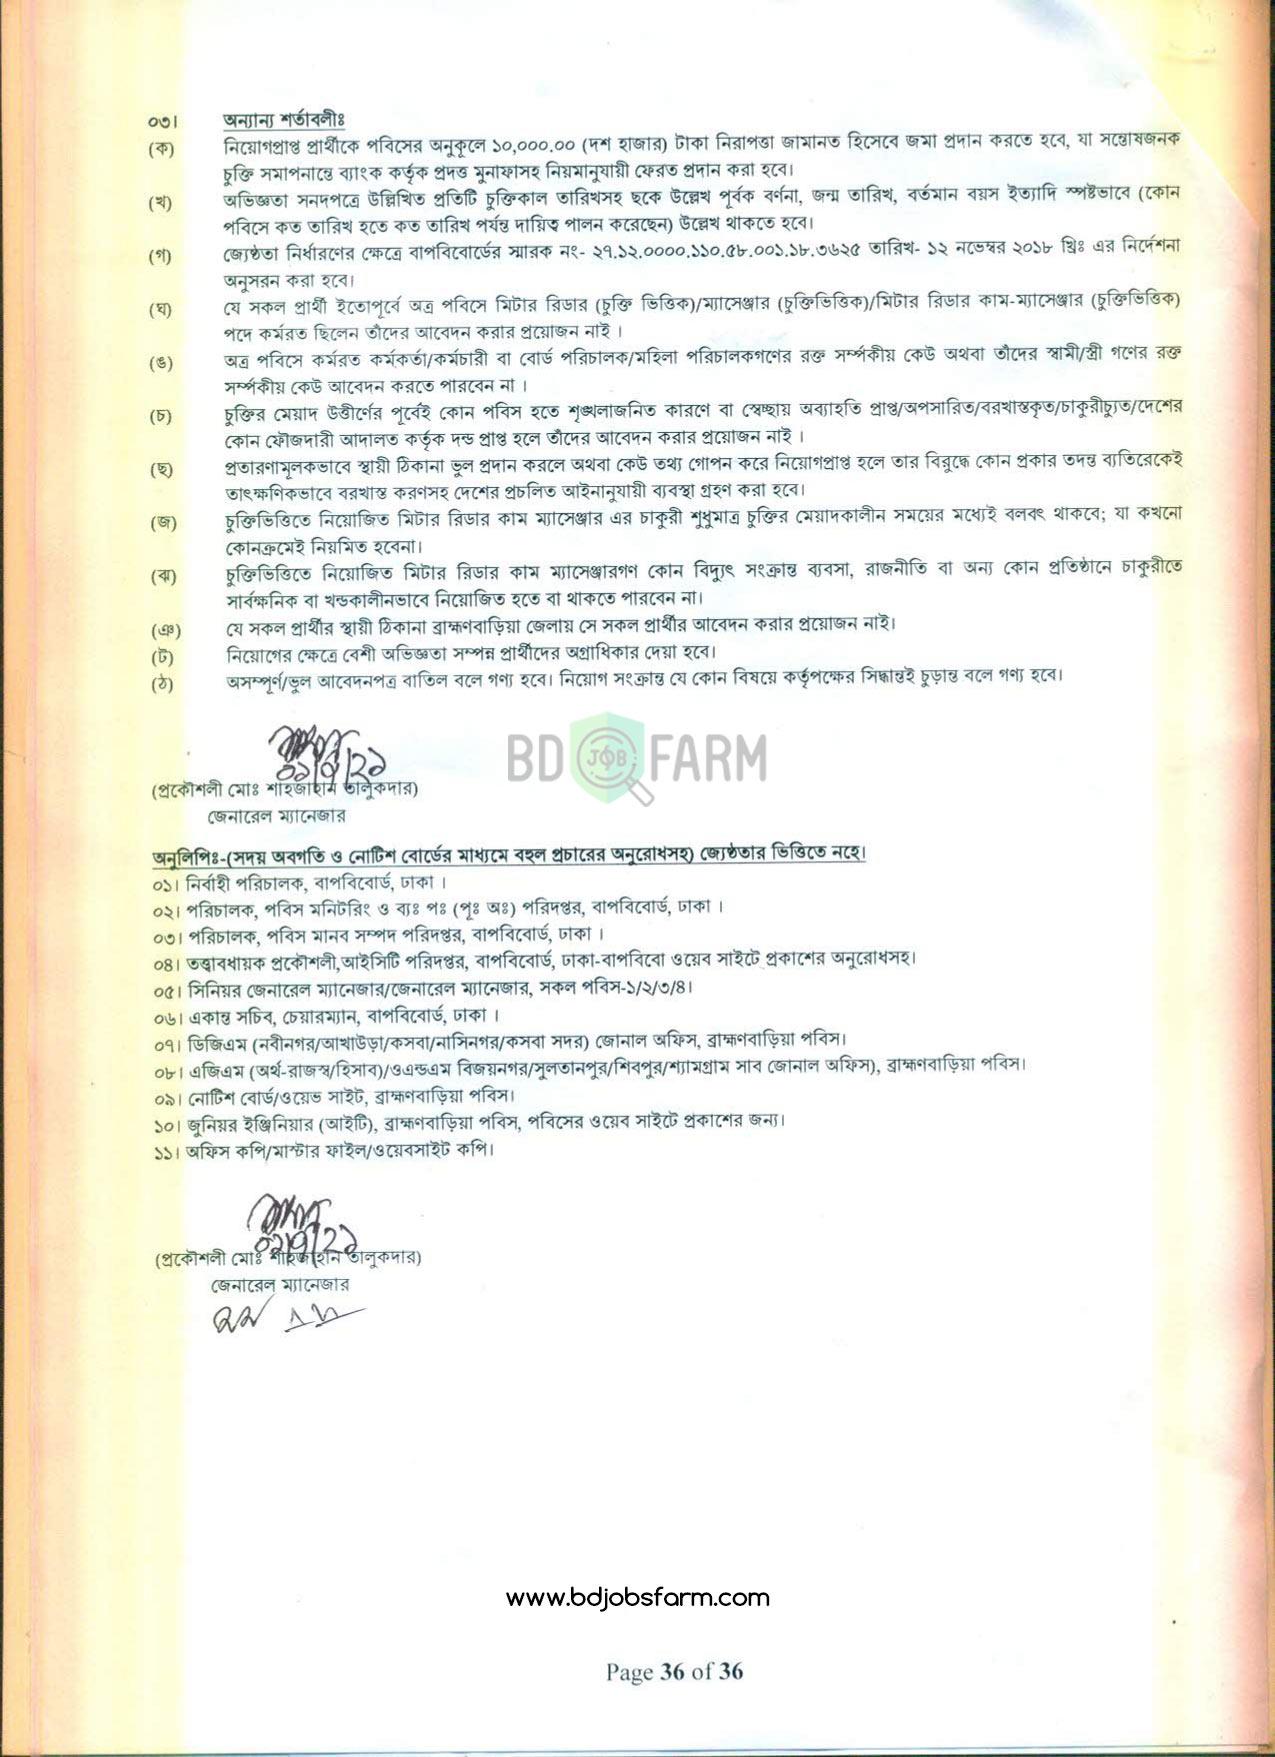 ব্রাহ্মণবাড়িয়া পল্লী বিদ্যুৎ সমিতি নিয়োগ বিজ্ঞপ্তি